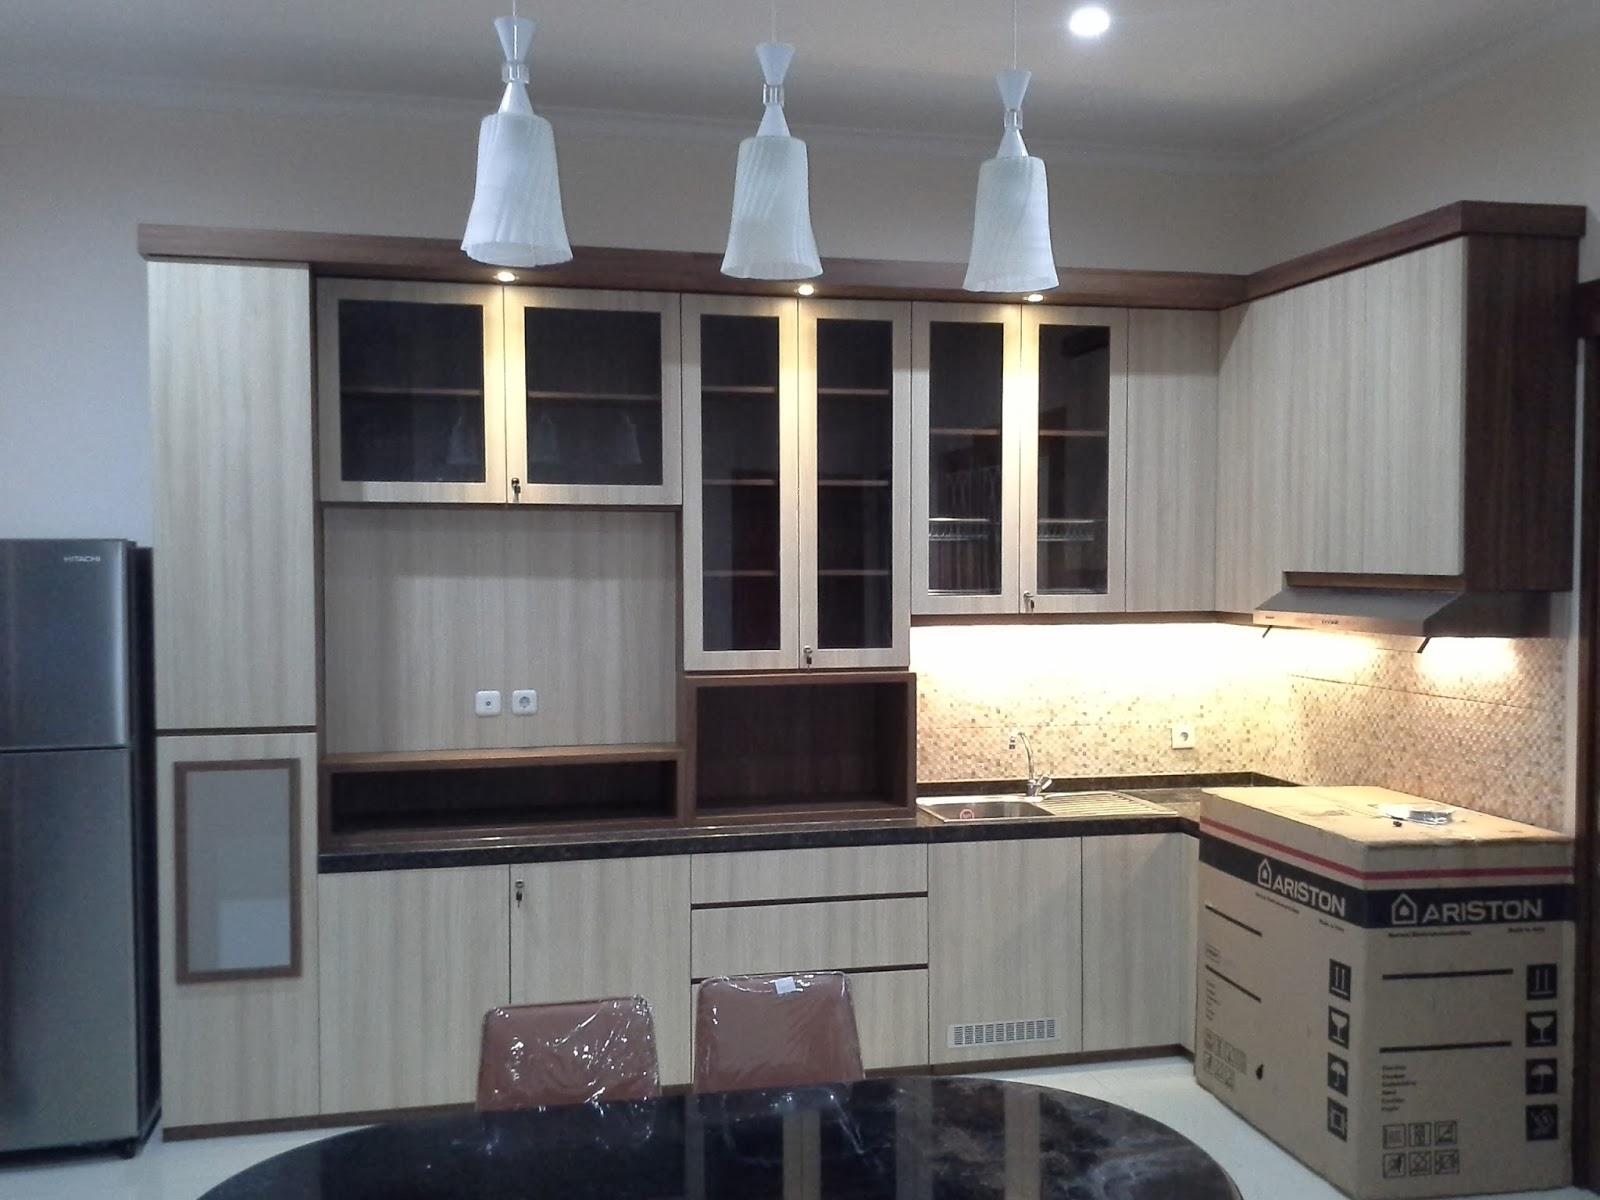 modena kitchen design awards 2013. appliances : ariston modena kitchen design awards 2013